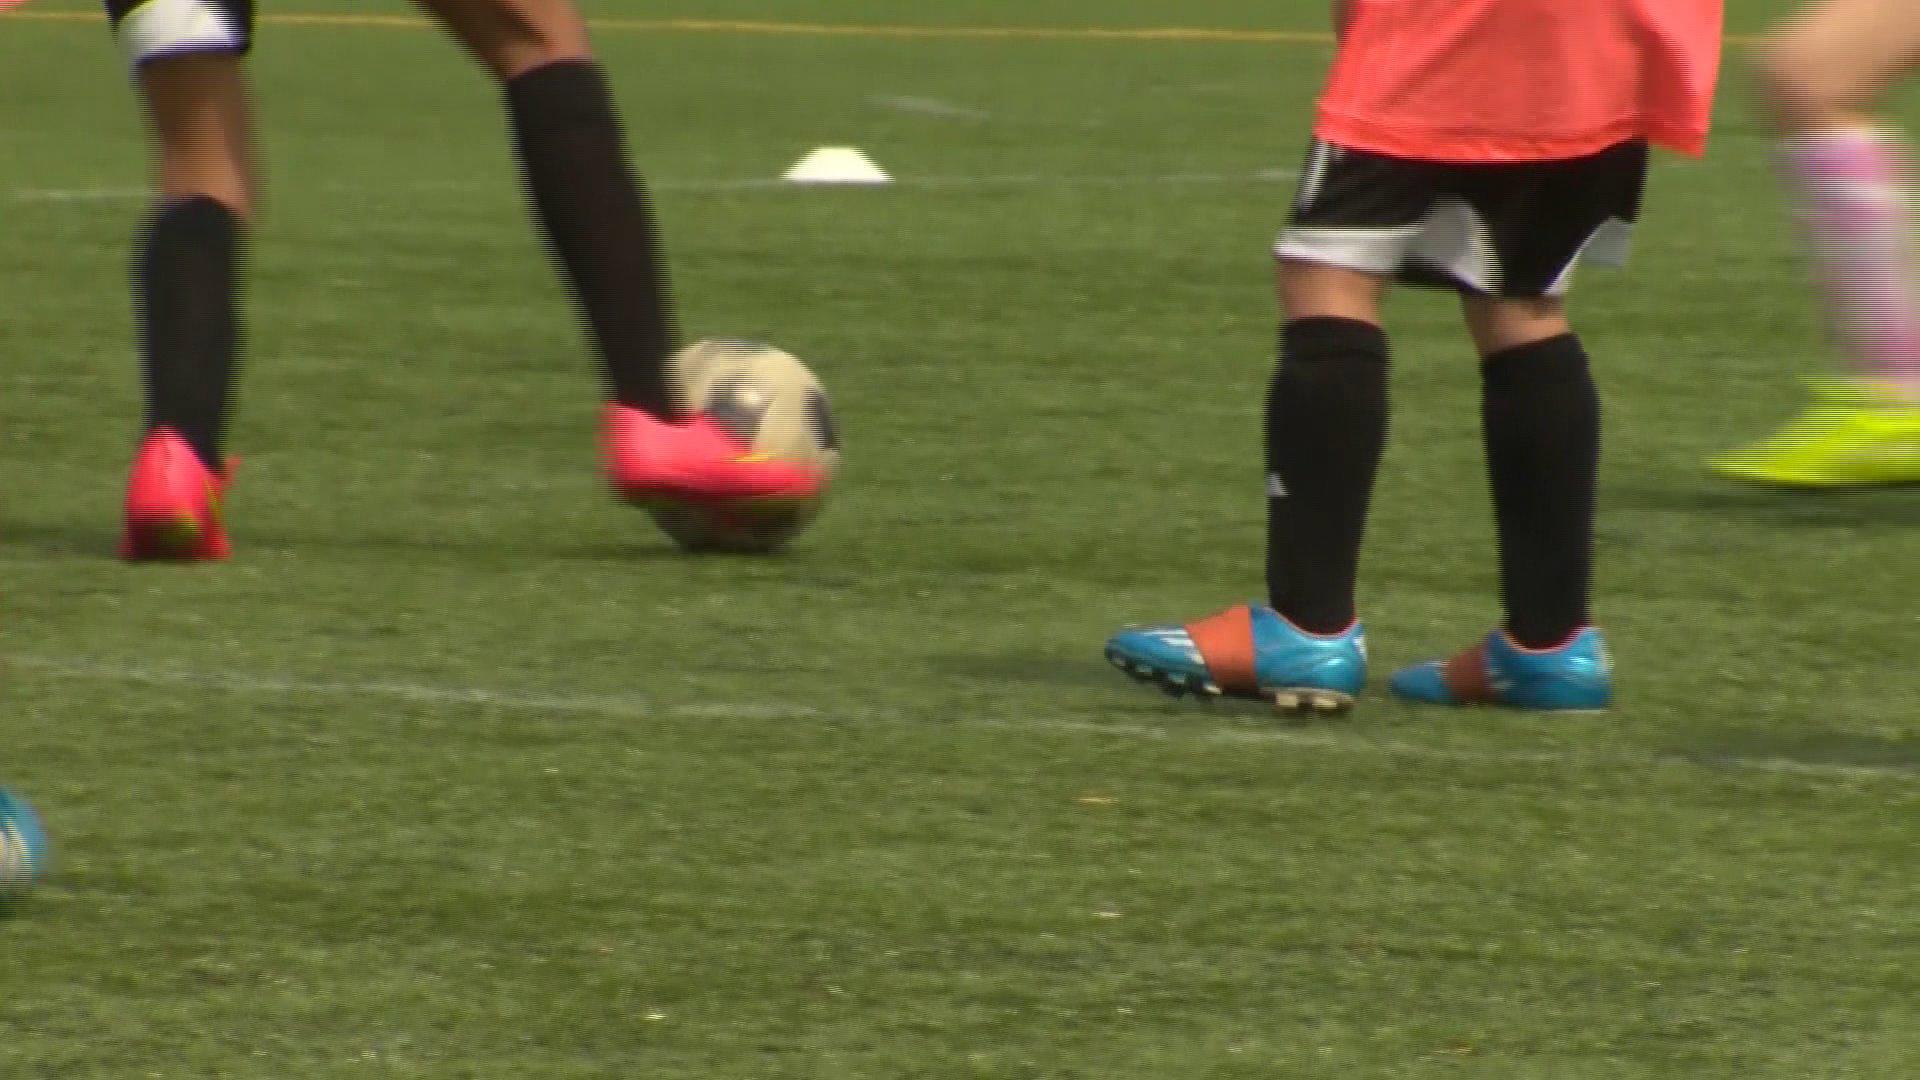 Teen athlete soccer